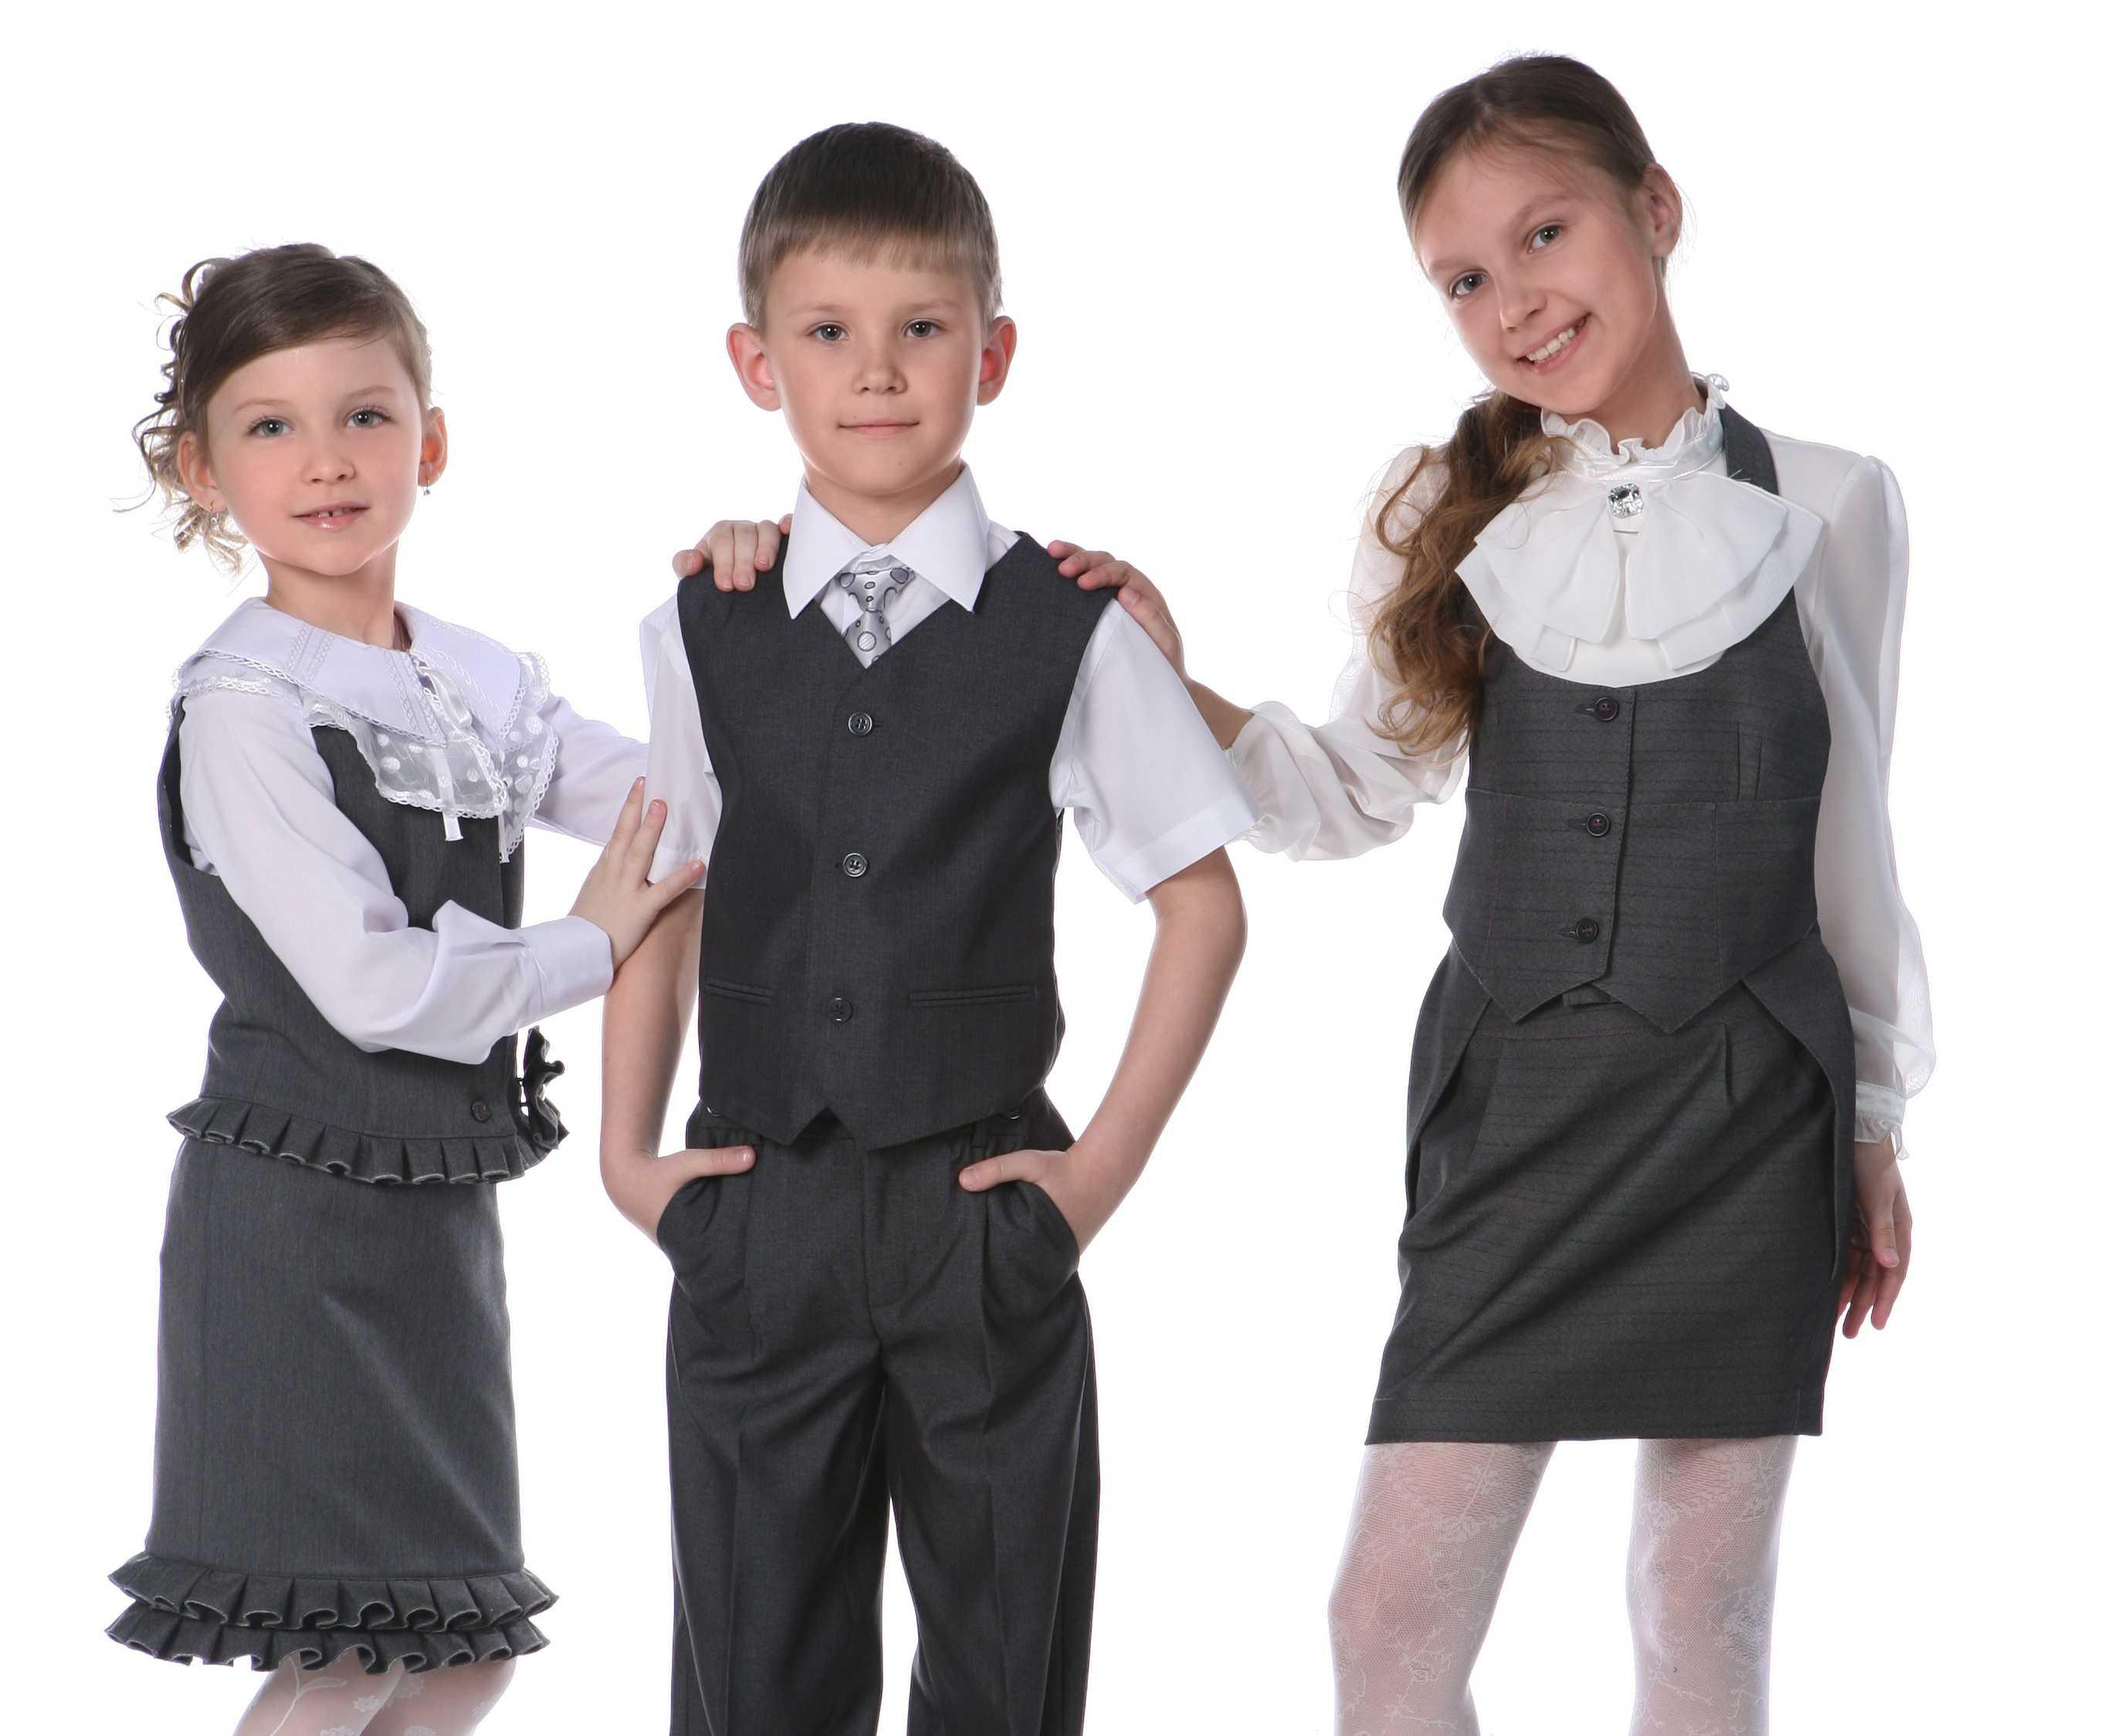 Сбор заказов. Предзаказ на новый учебный год. Школьная форма Avanti Piccolo - российский производитель.Отличное качество по доступной цене.